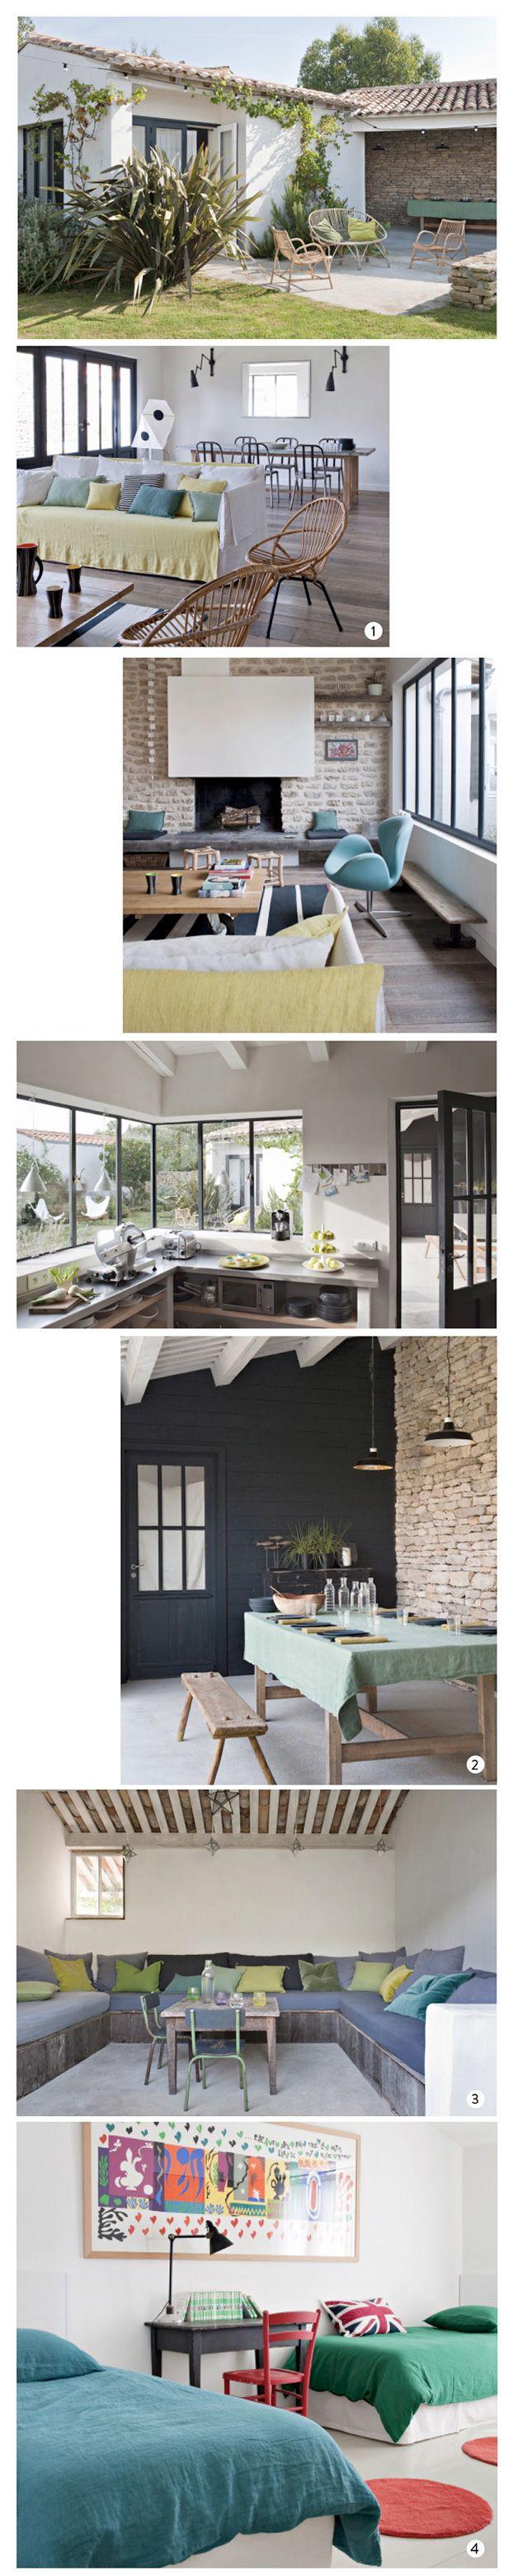 Ile de Ré, une maison d'été Magazine Westwing | Westwing Home & Living Magazine